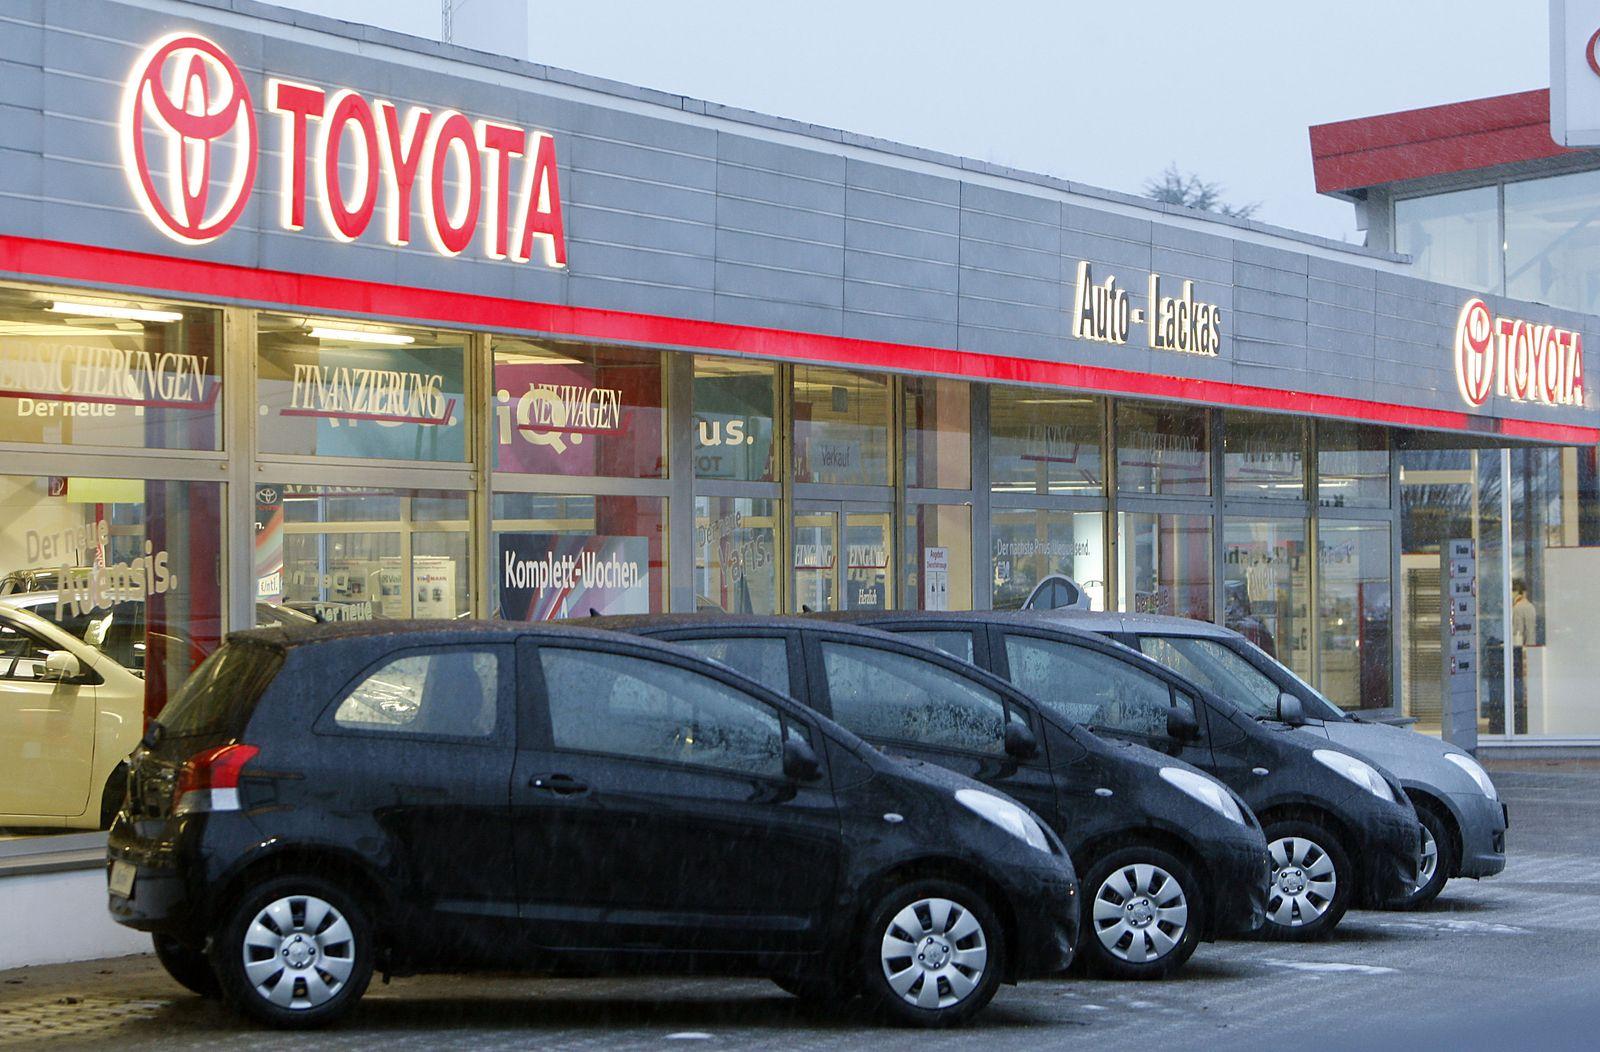 Toyota Autohaendler Deutschland